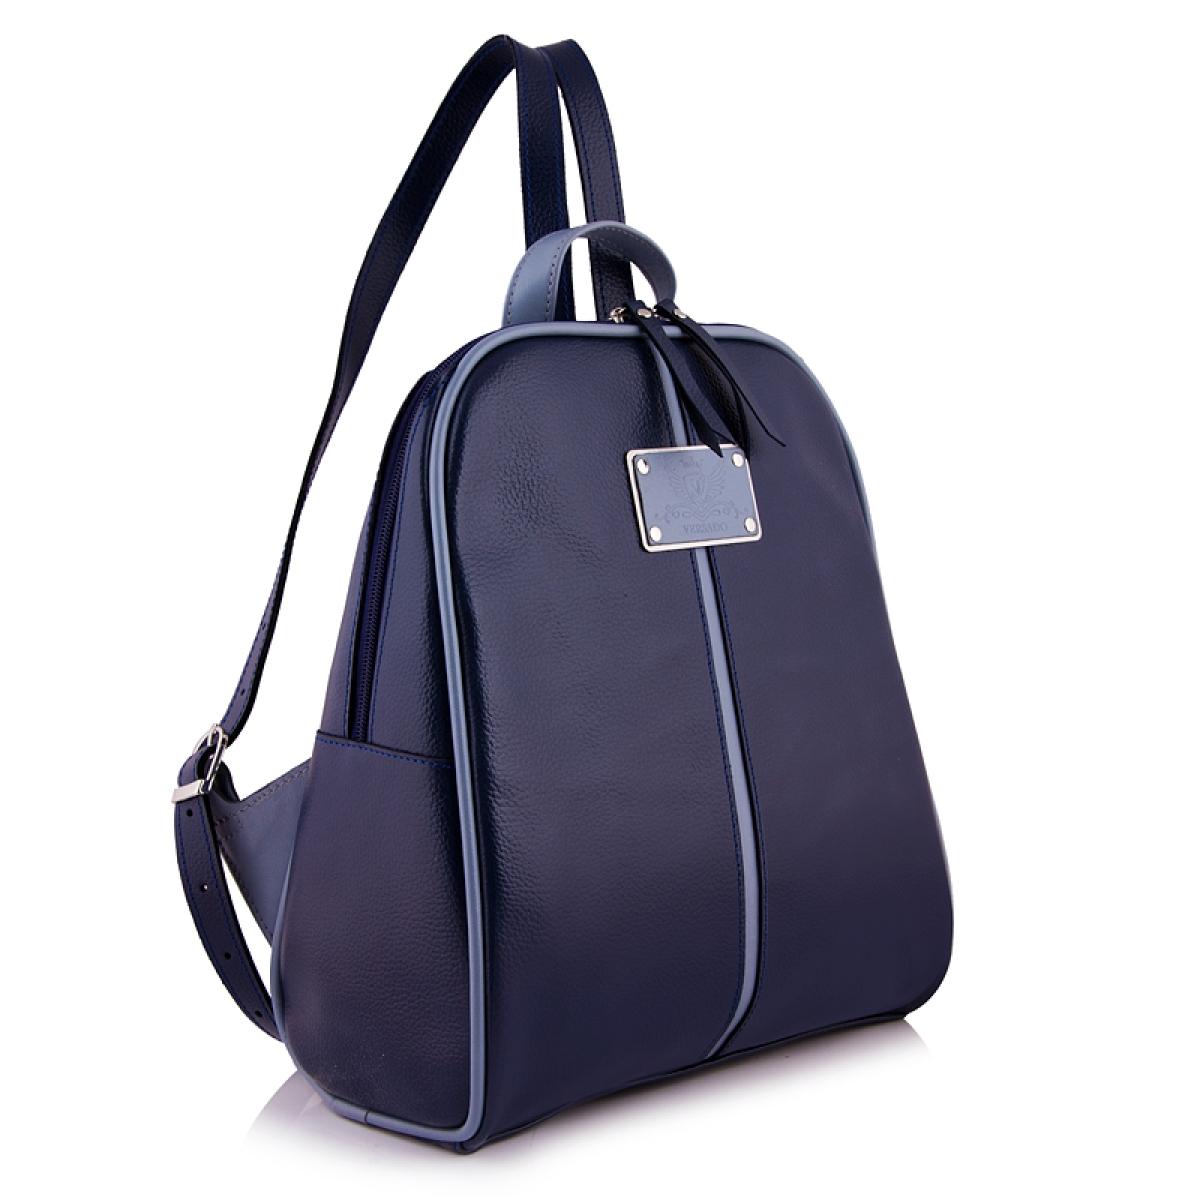 Купить Женский Кожаный Рюкзак В Интернет Магазине